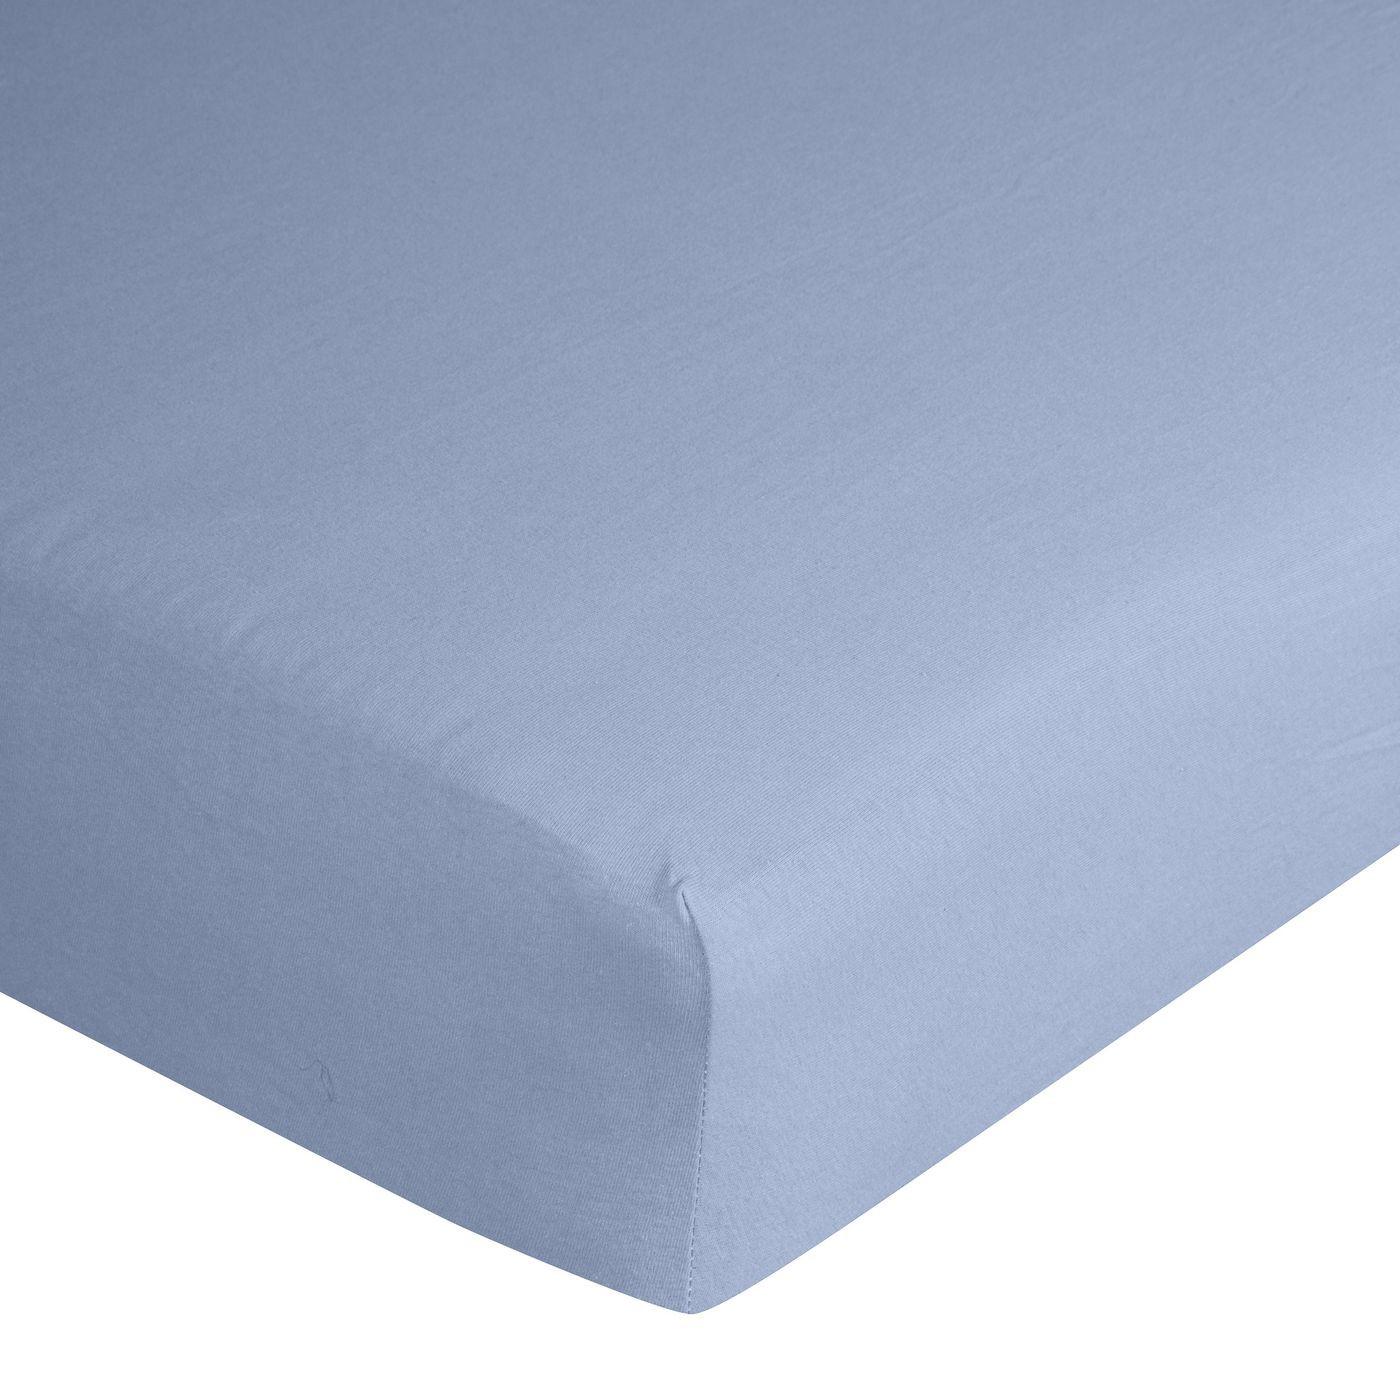 Prześcieradło bawełniane gładkie 120x200+25cm 140 kolor niebieski